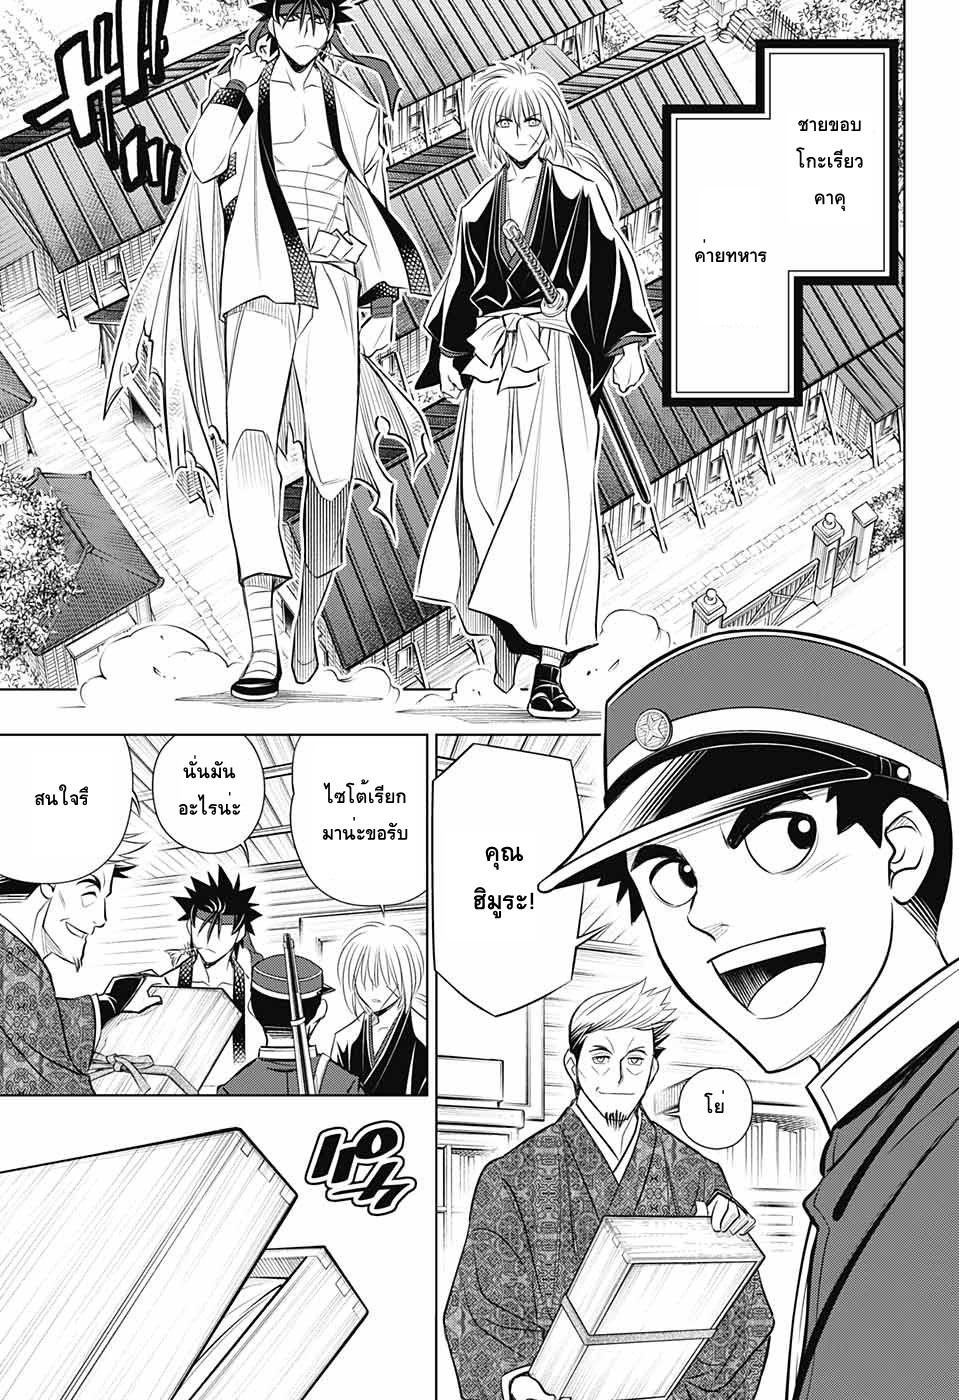 อ่านการ์ตูน Rurouni Kenshin: Hokkaido Arc ตอนที่ 16 หน้าที่ 5